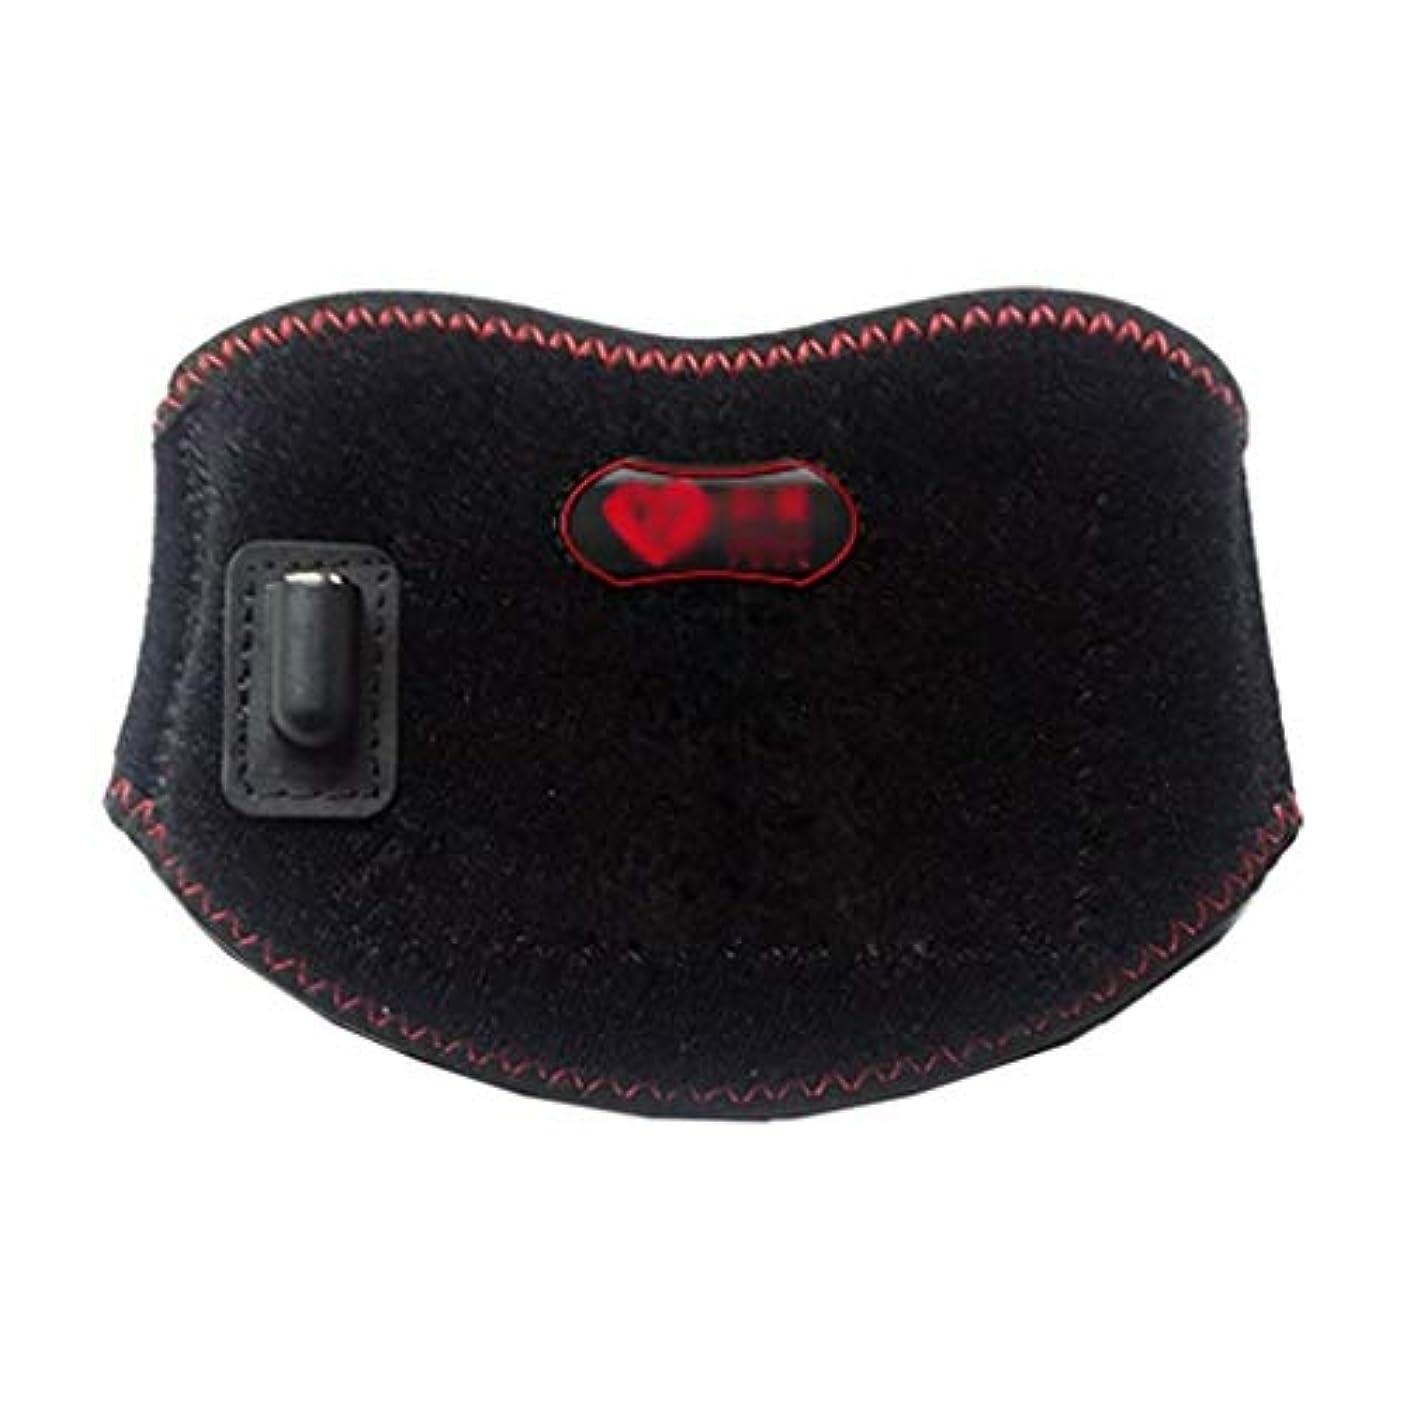 ジーンズ解任ハブブ電動ネックマッサージ、温熱首温ラップ/加熱、肩指圧マッサージ/筋肉の弛緩/血圧循環の促進、仕事の動きに適しています